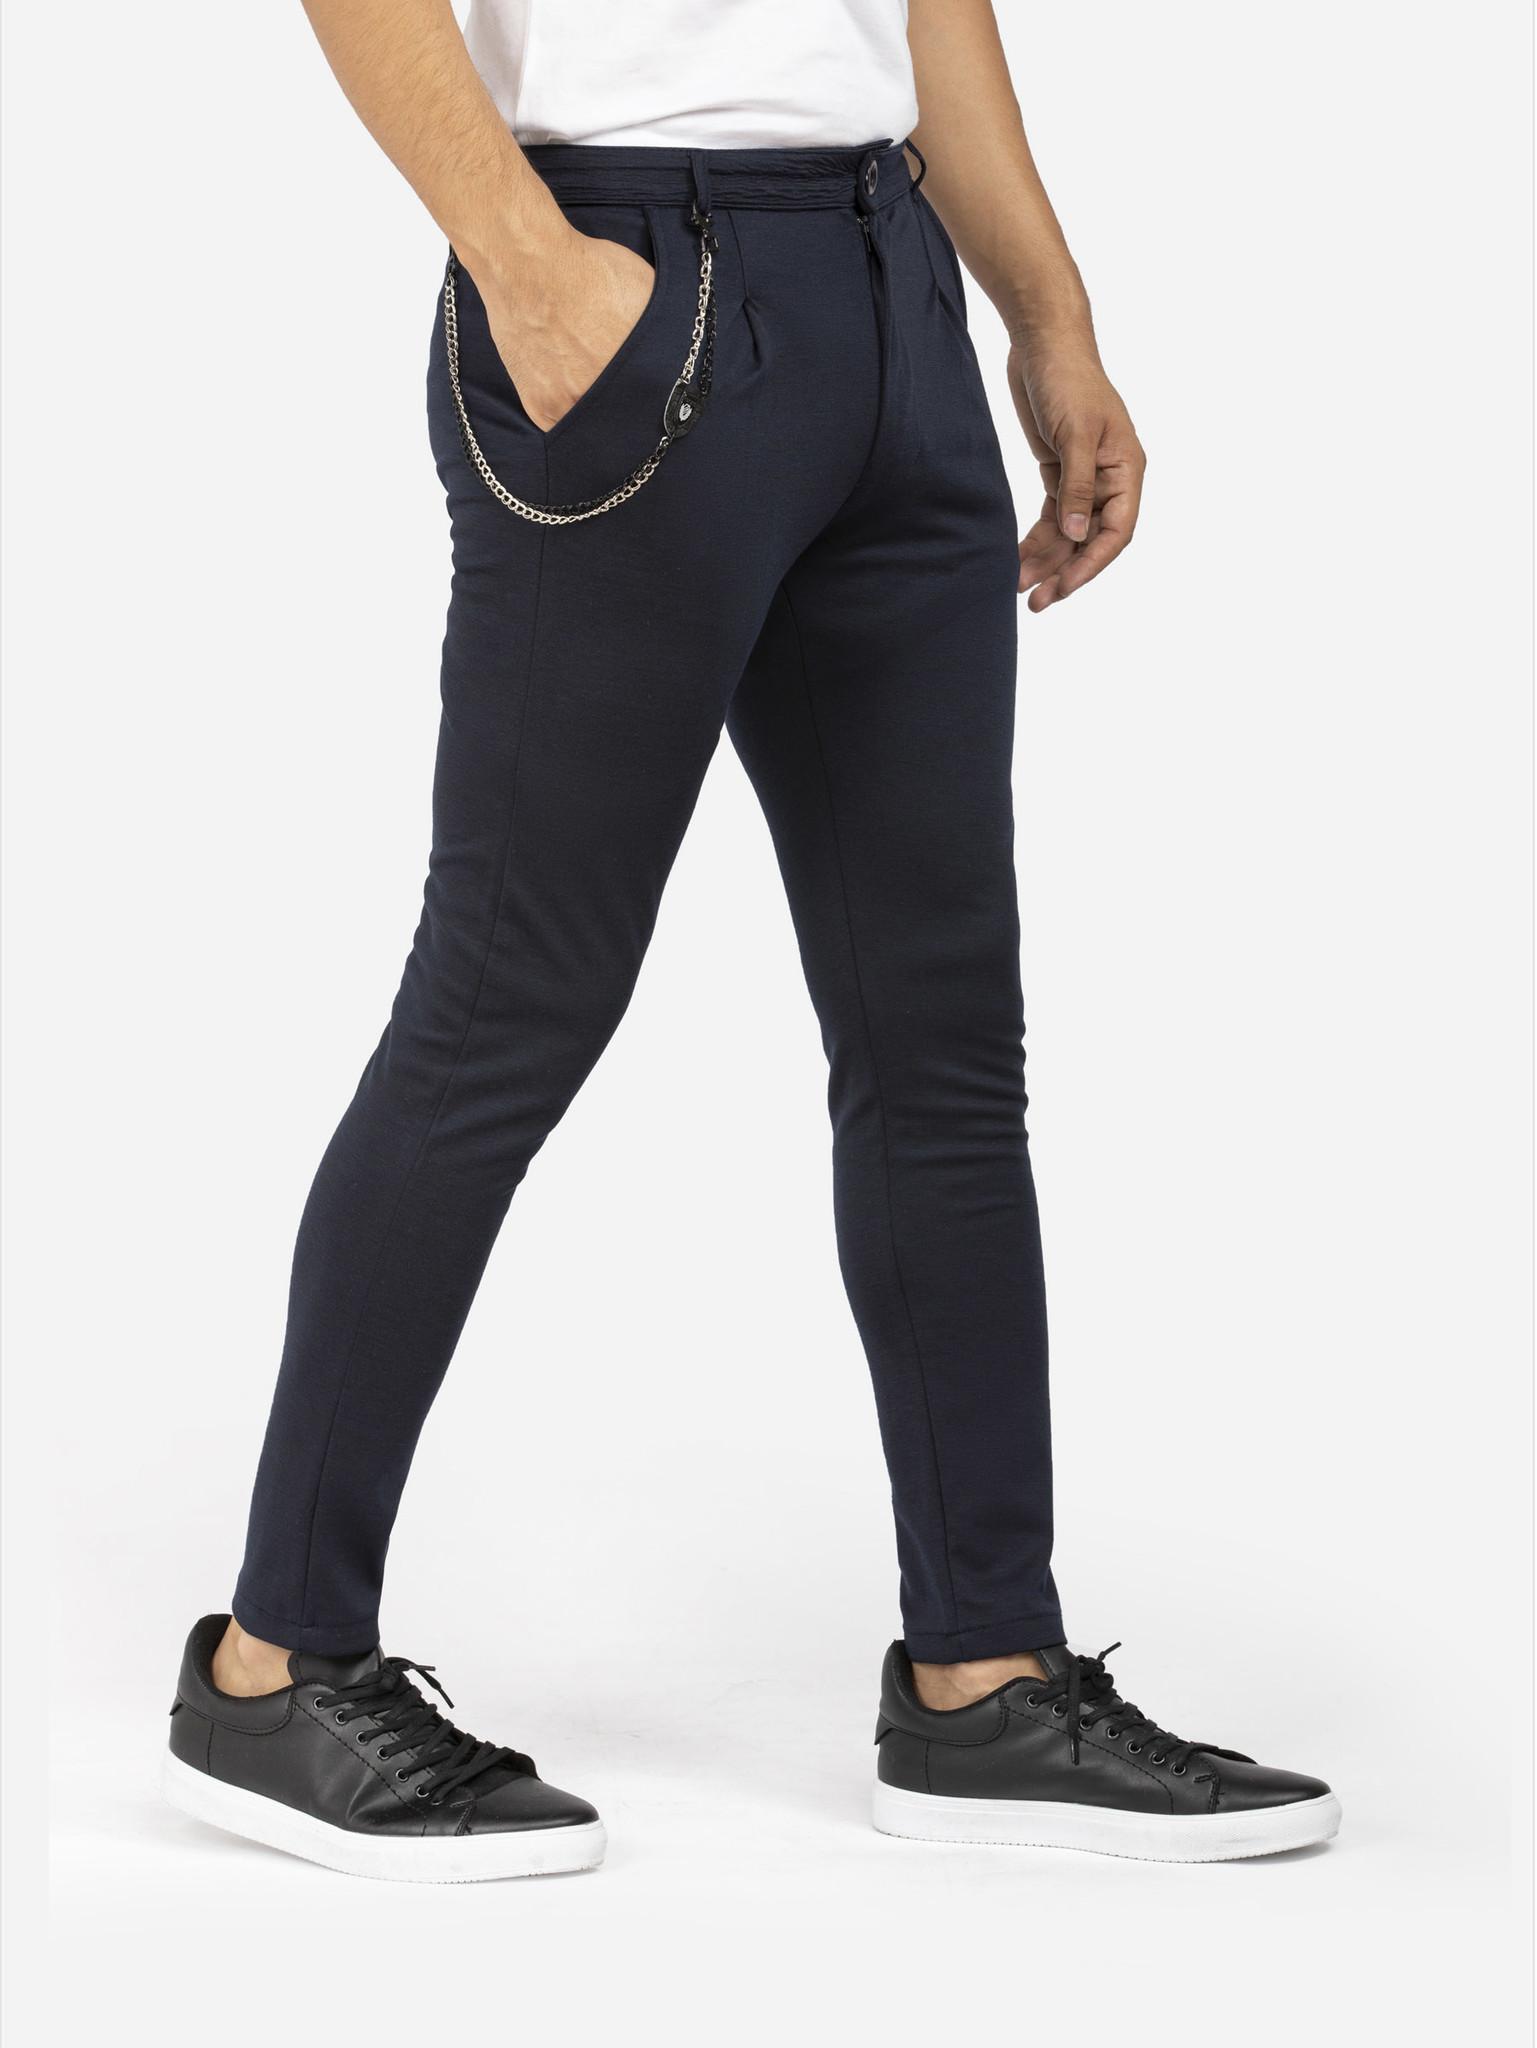 Arya Boy Pantalon 81208 Gaspare Navy